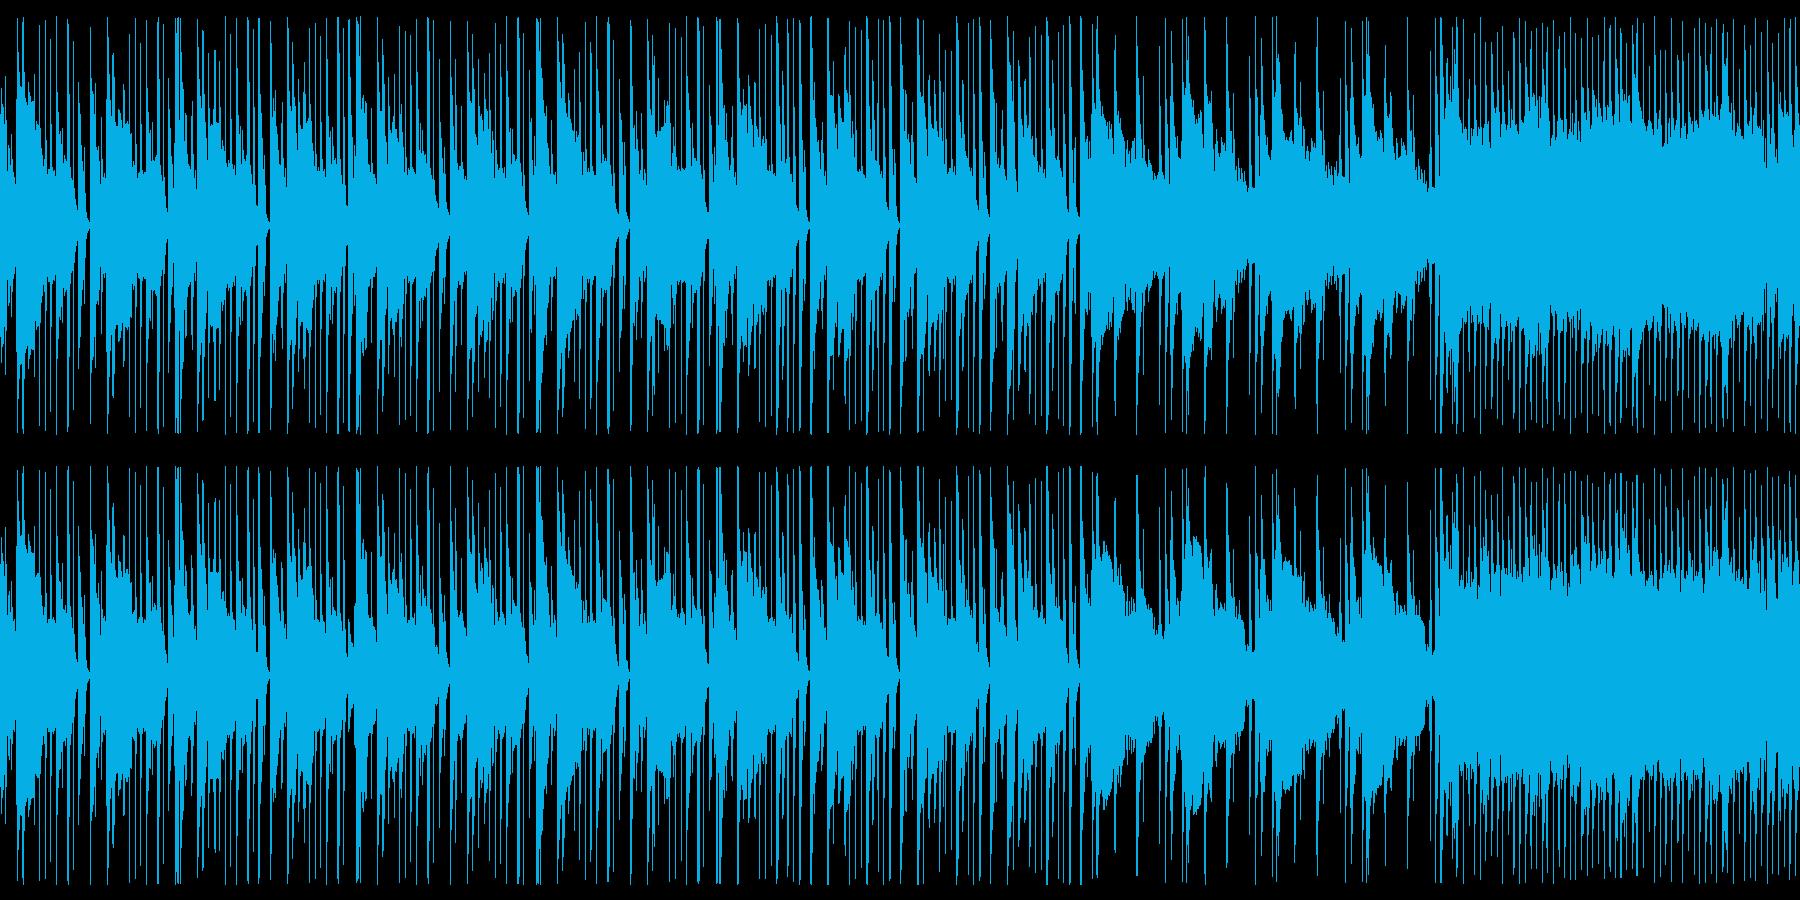 ヒップホップのバッキングトラック風ループの再生済みの波形